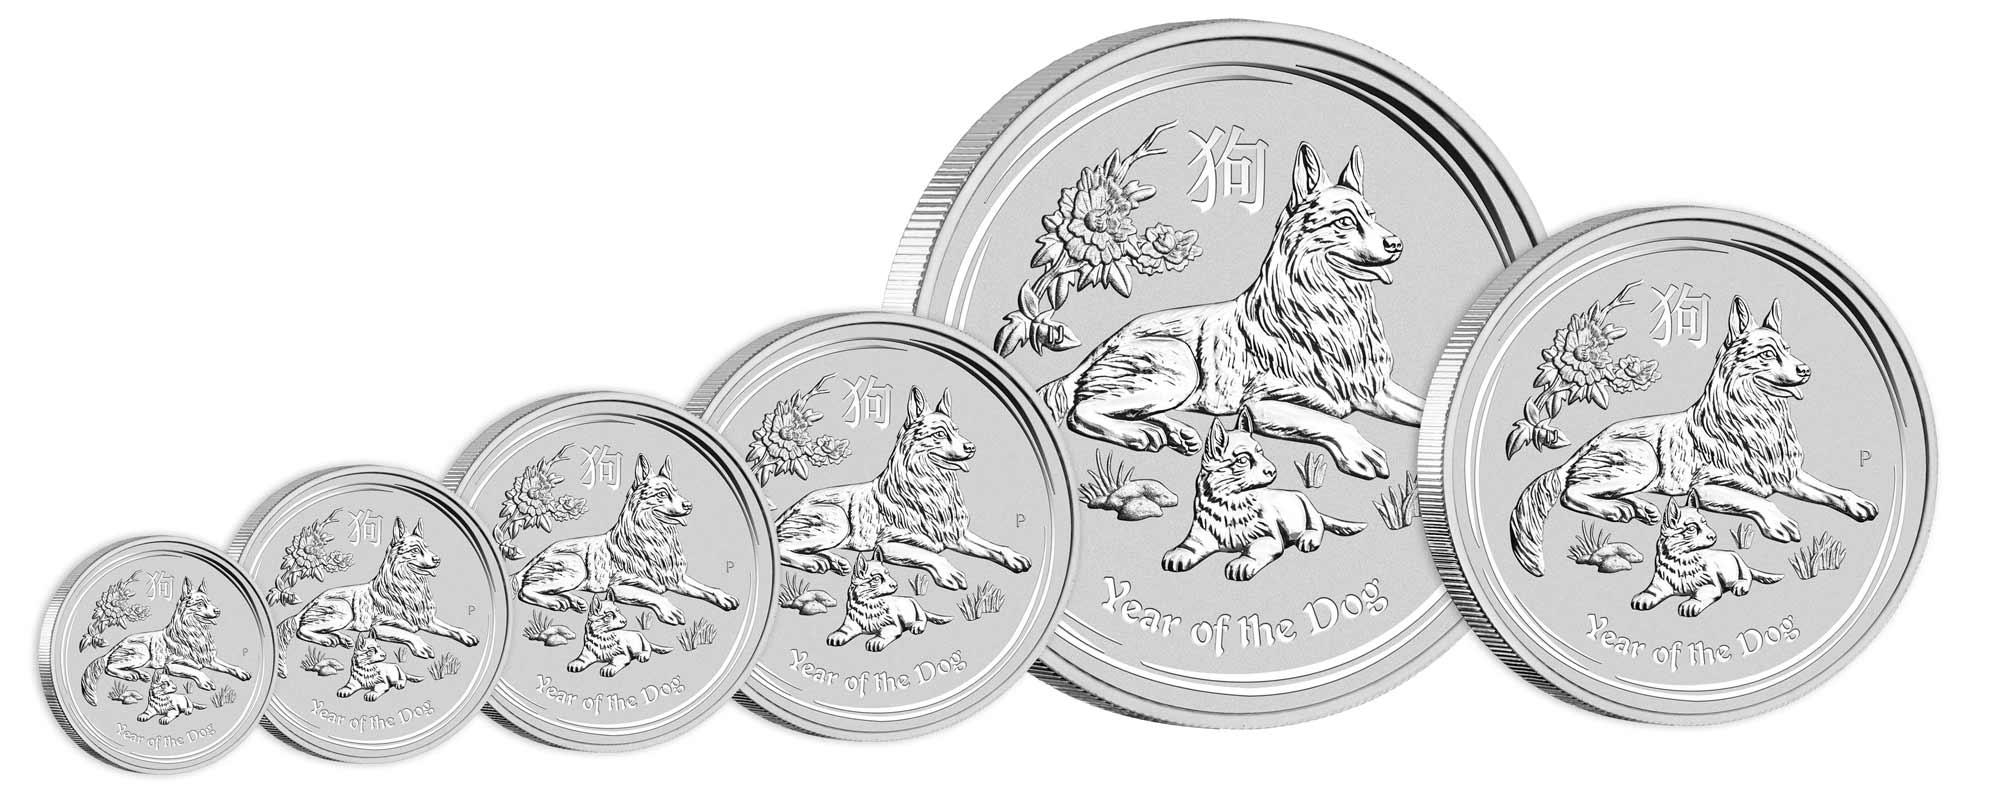 Pièces d'argent de l'année du Chien en différentes tailles